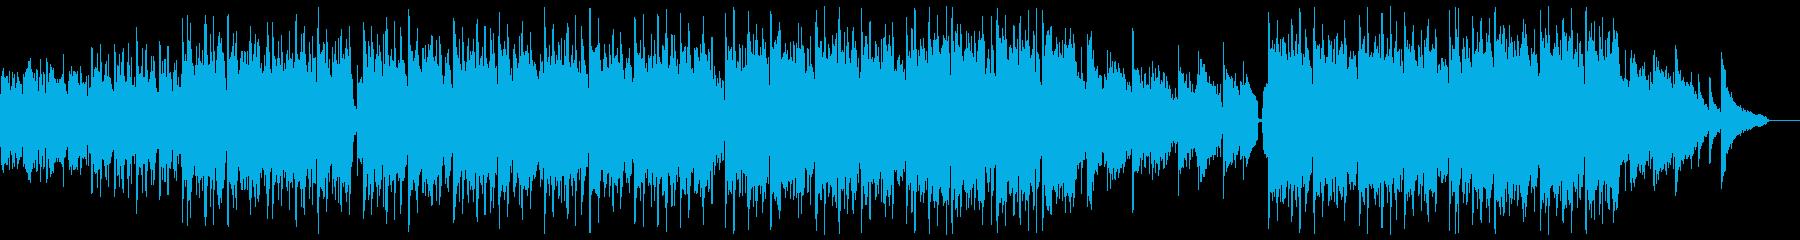 明るいピアノバイオリンポップ:フルx1の再生済みの波形